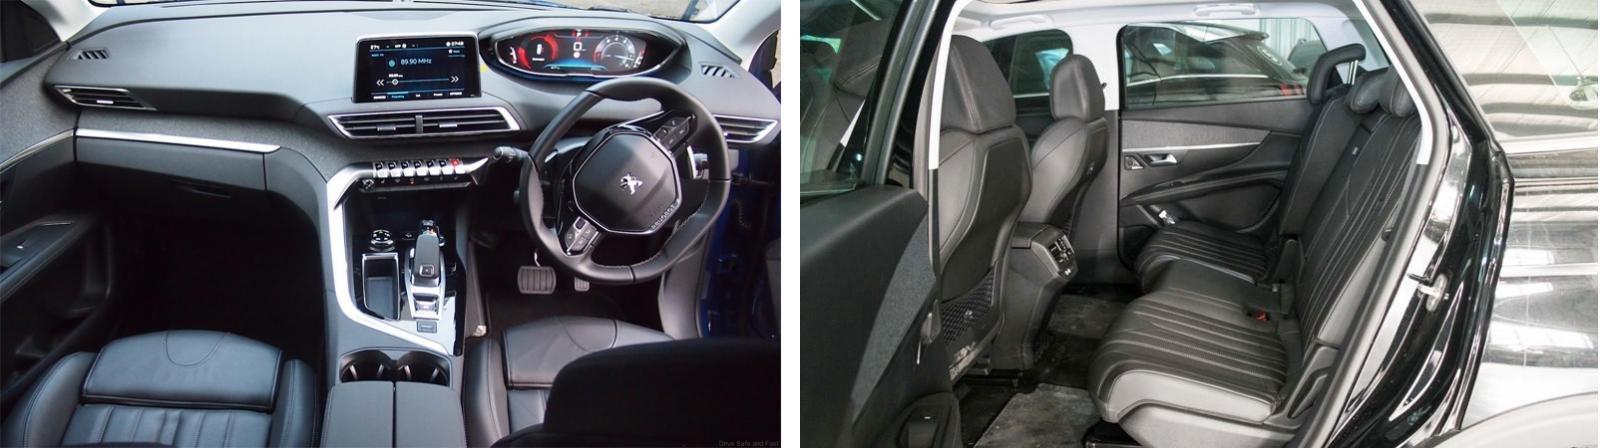 Đánh giá ưu điểm và nhược điểm nổi bật của Peugeot 3008 2018x